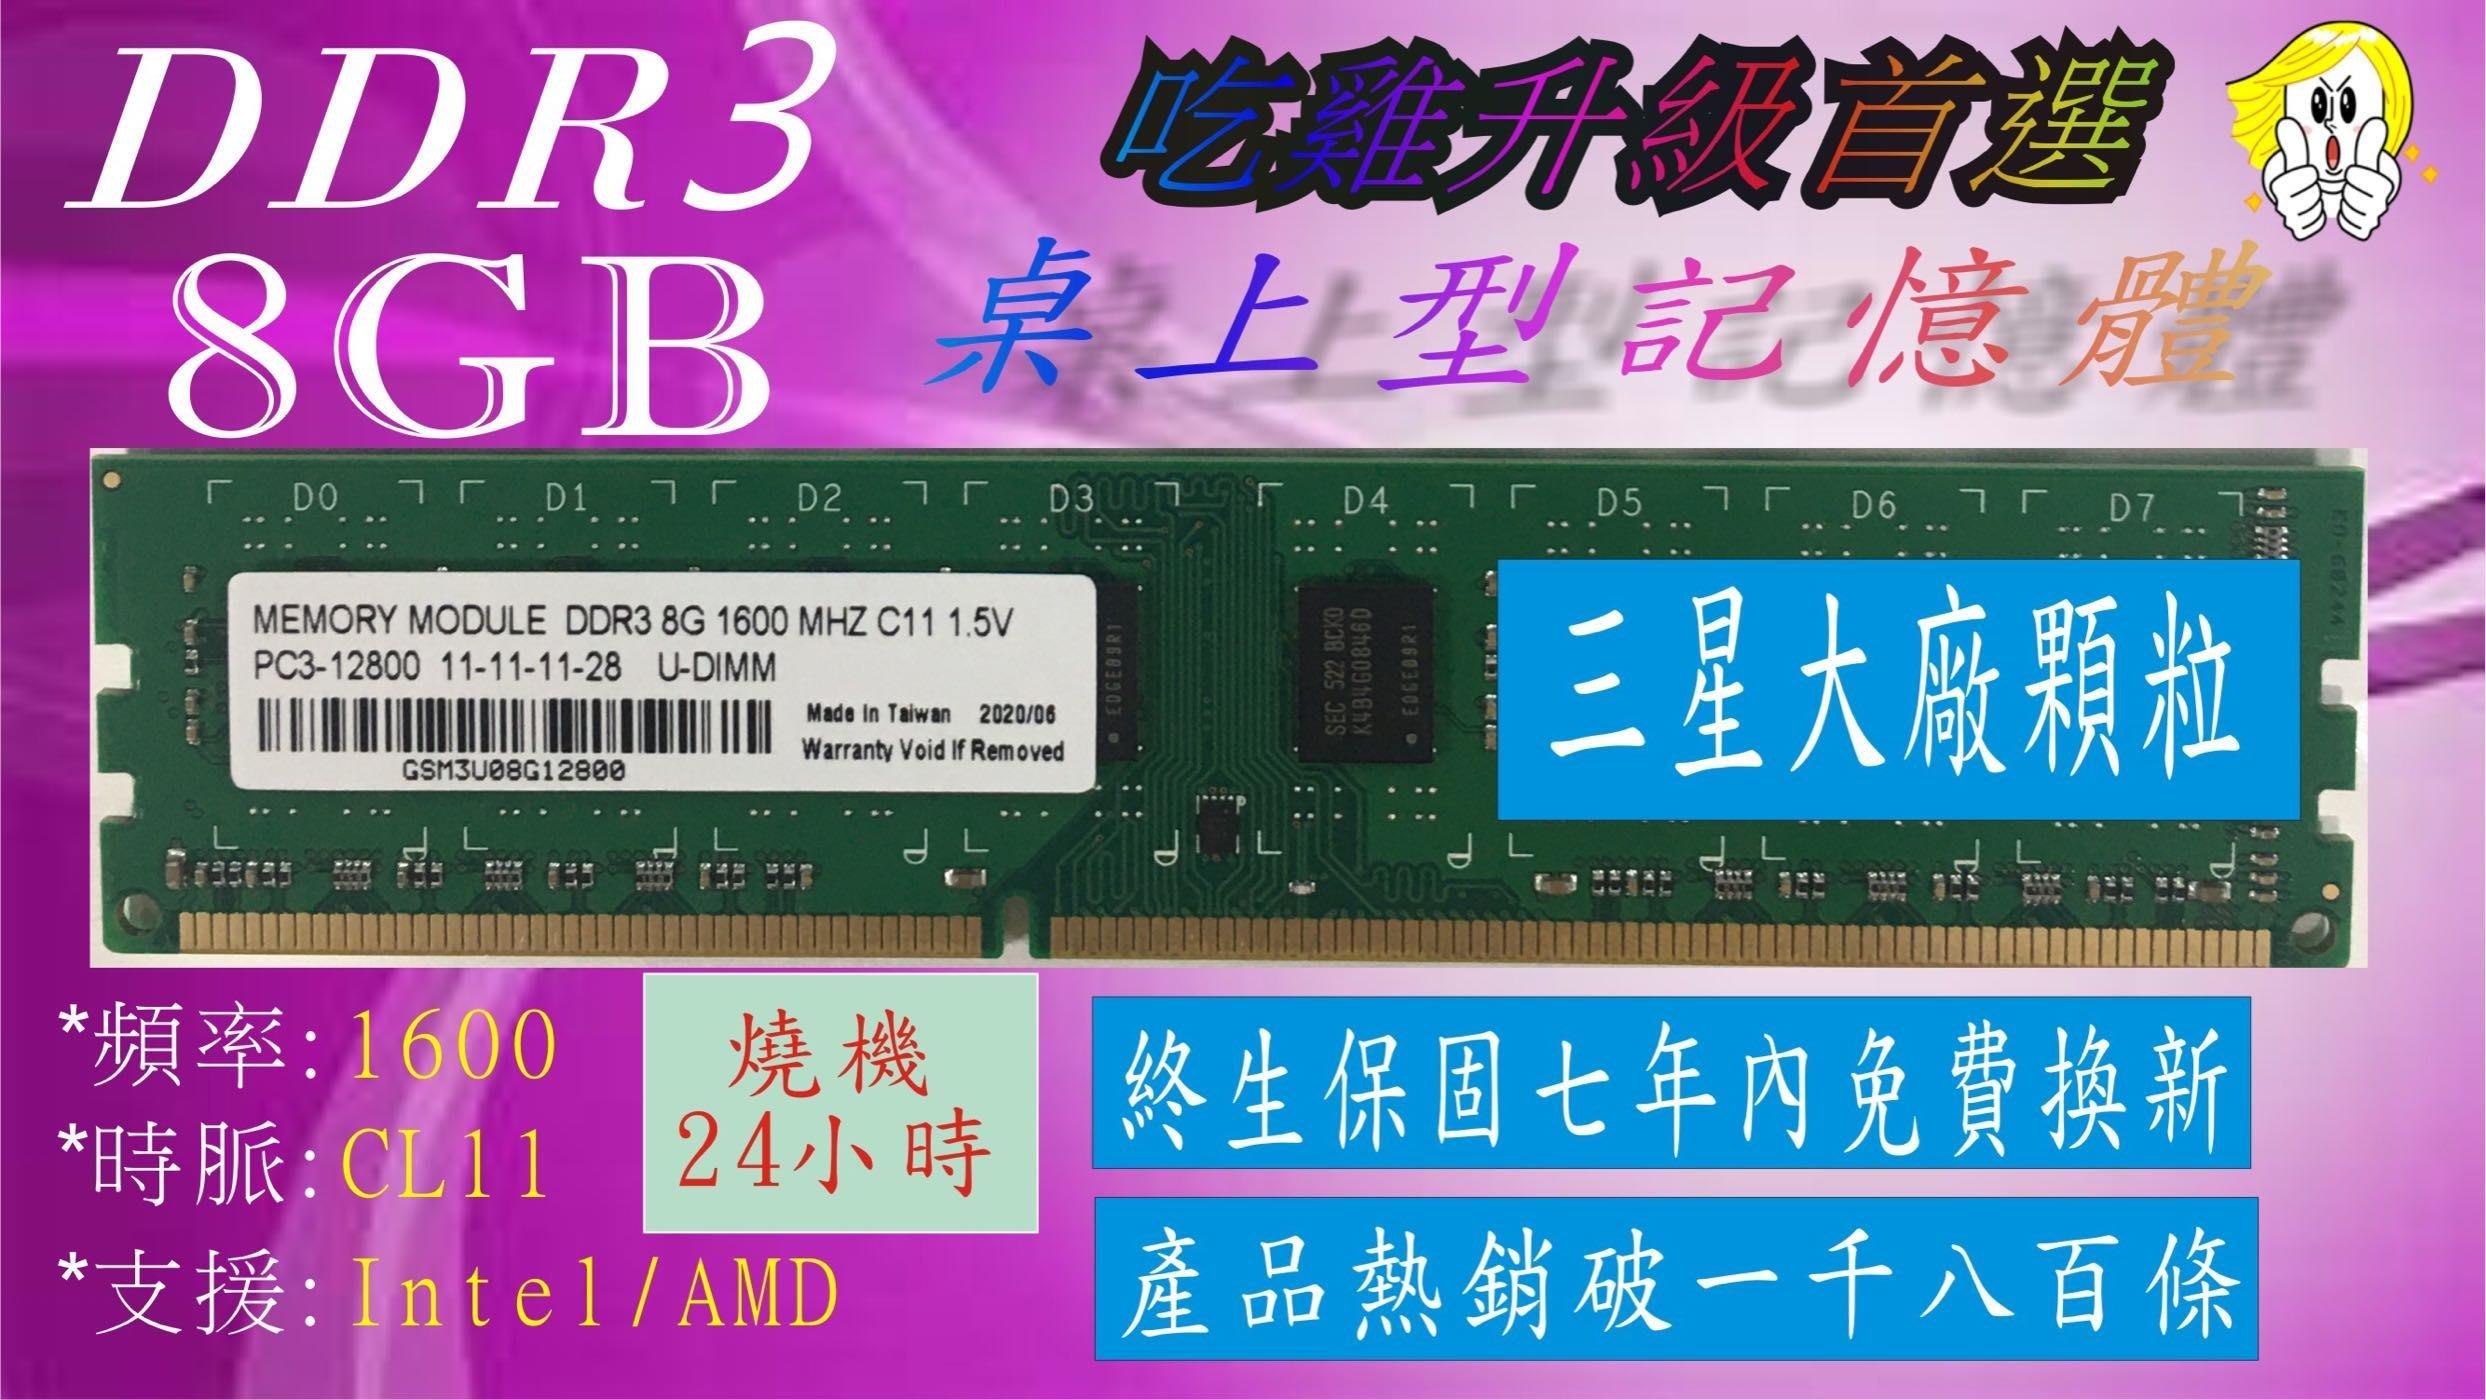 [新品][終身保修]桌上型記憶體DDR3 1600 8GB RAM 三星雙面顆粒